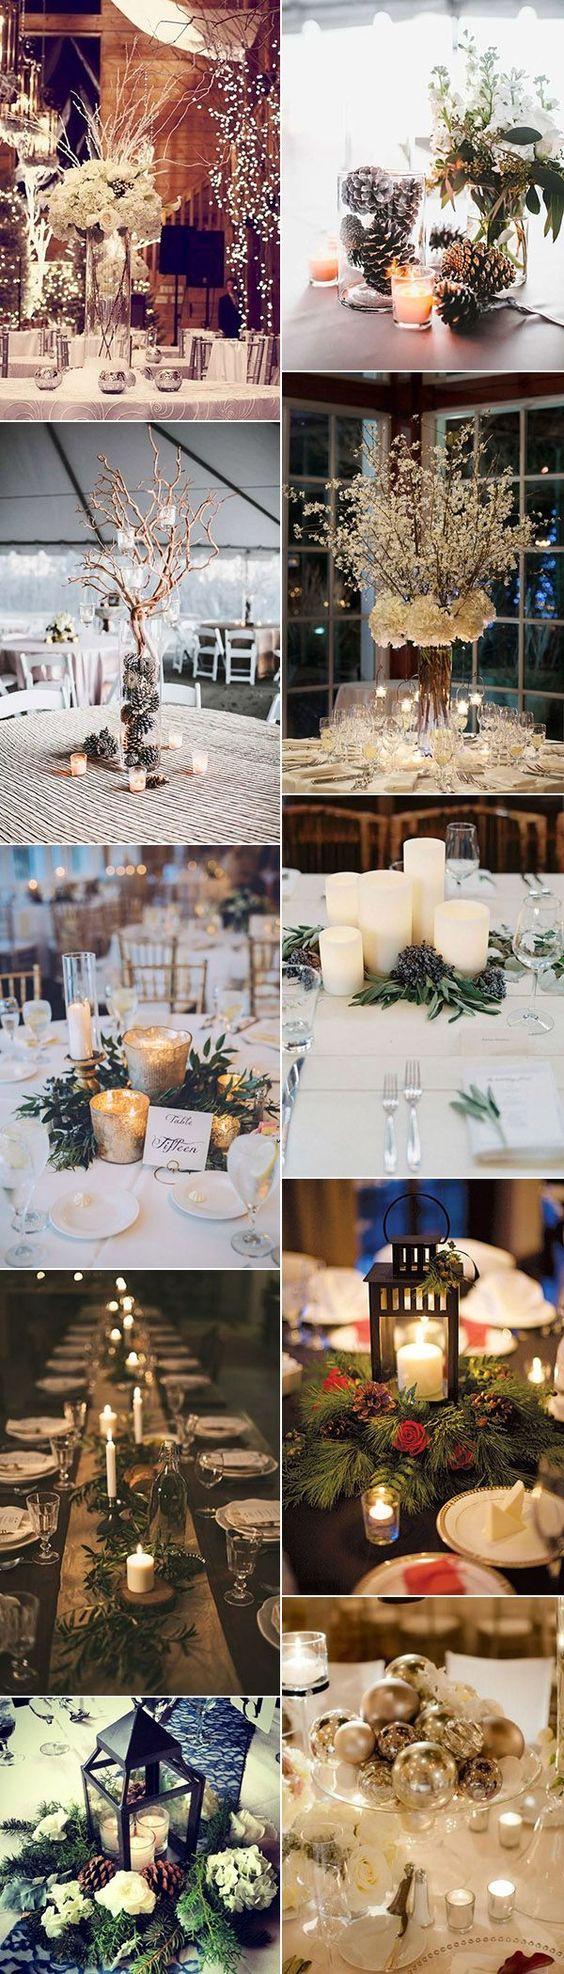 téli esküvői dekoráció fények